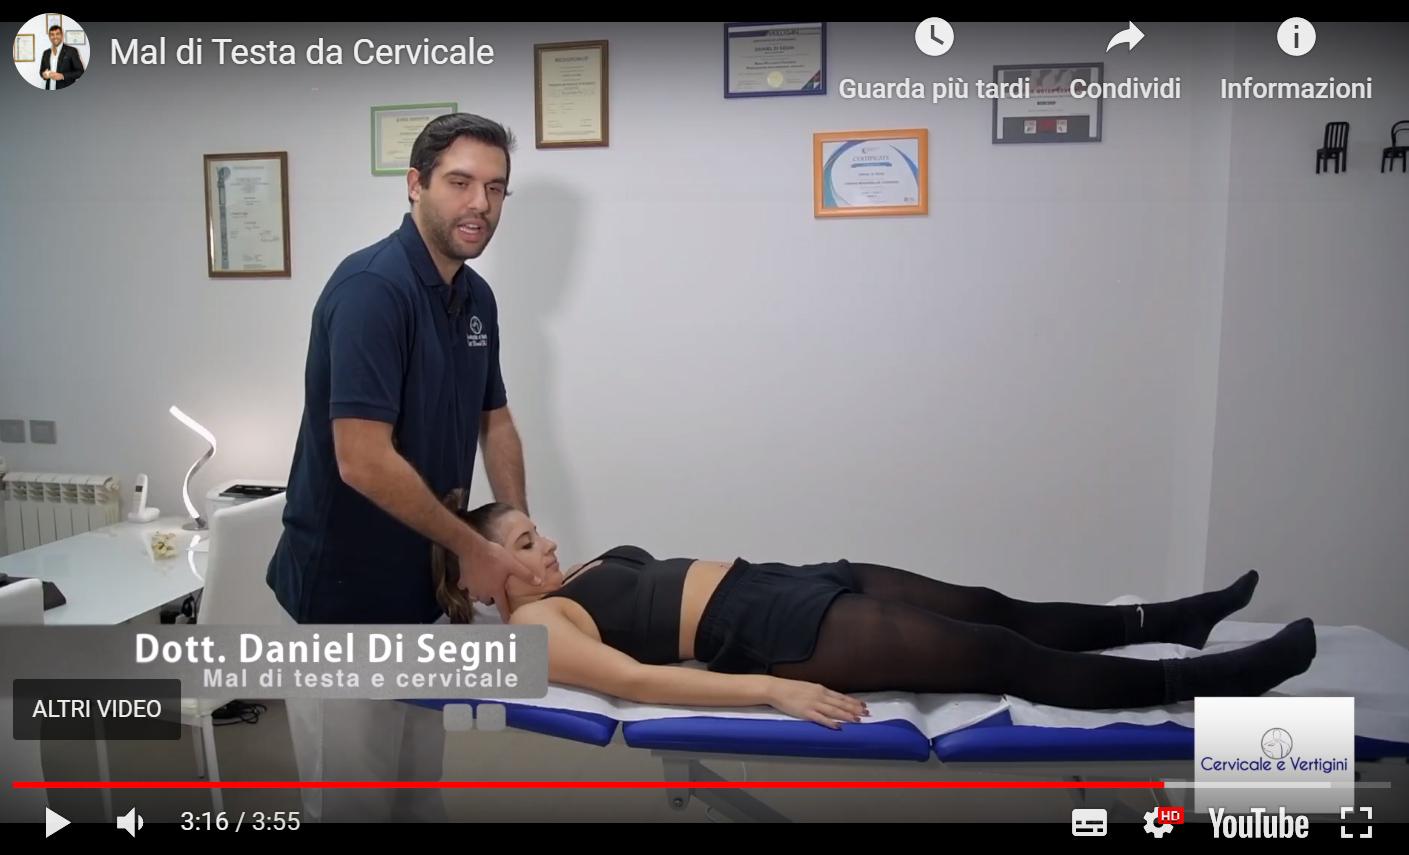 Video per Mal di Testa da Cervicale